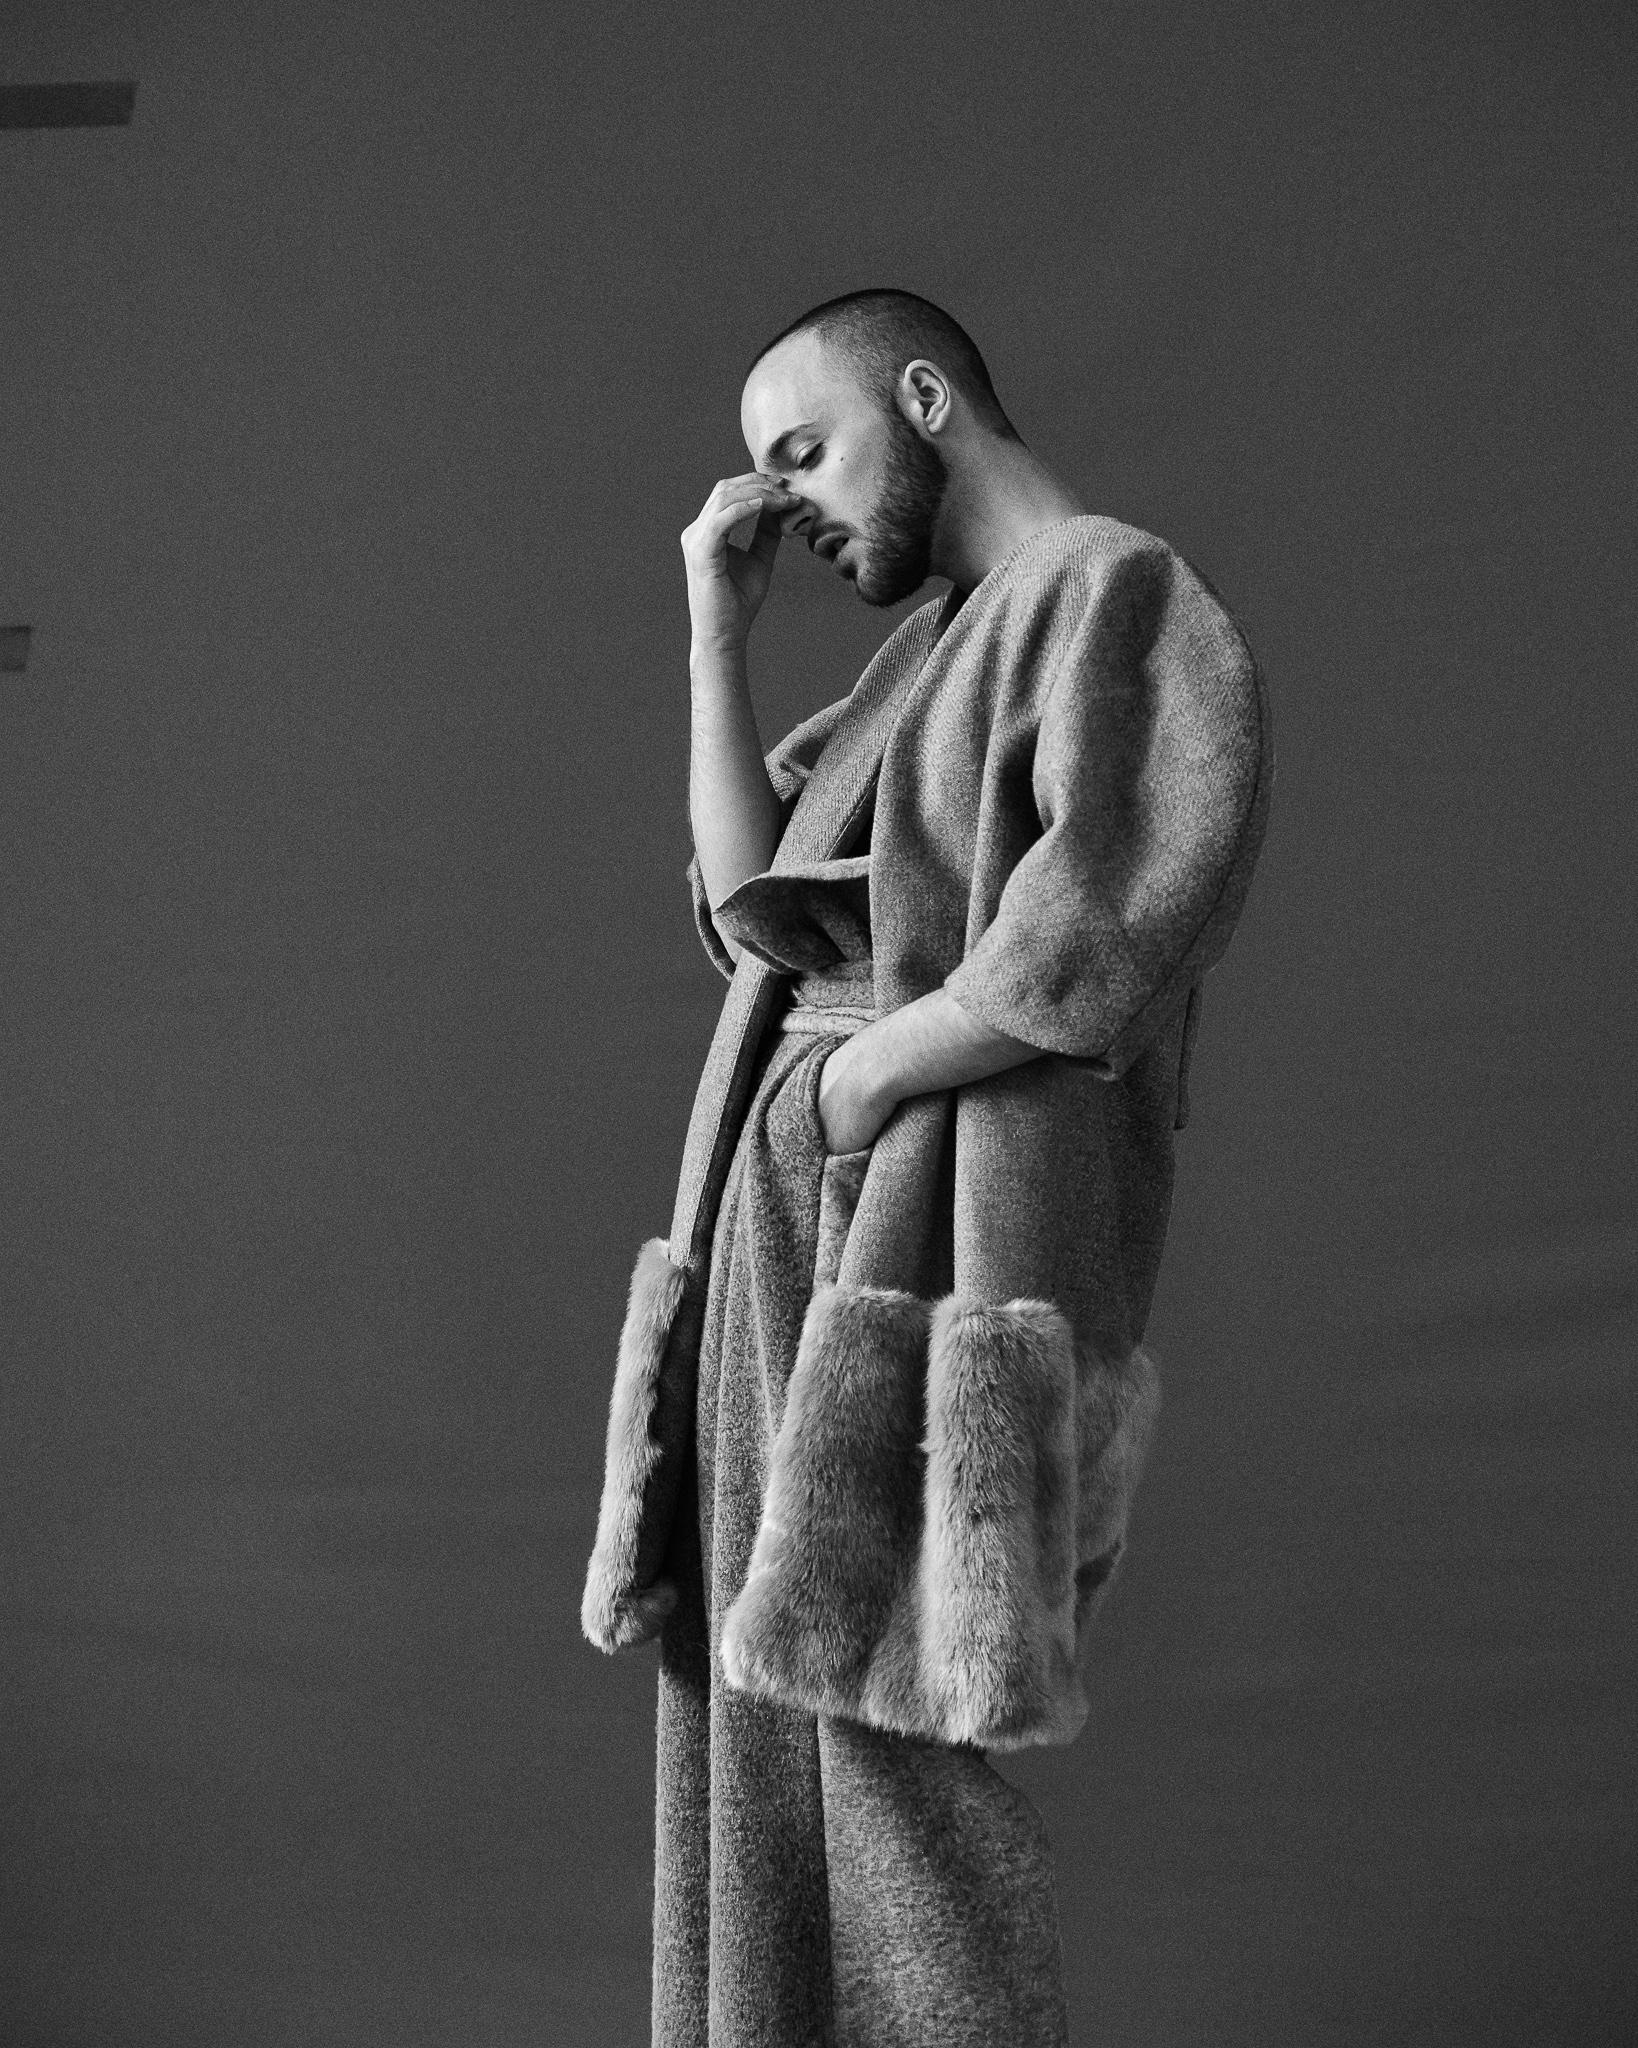 Una constante soledad acompañada  fashion photography / editorial de moda y danza